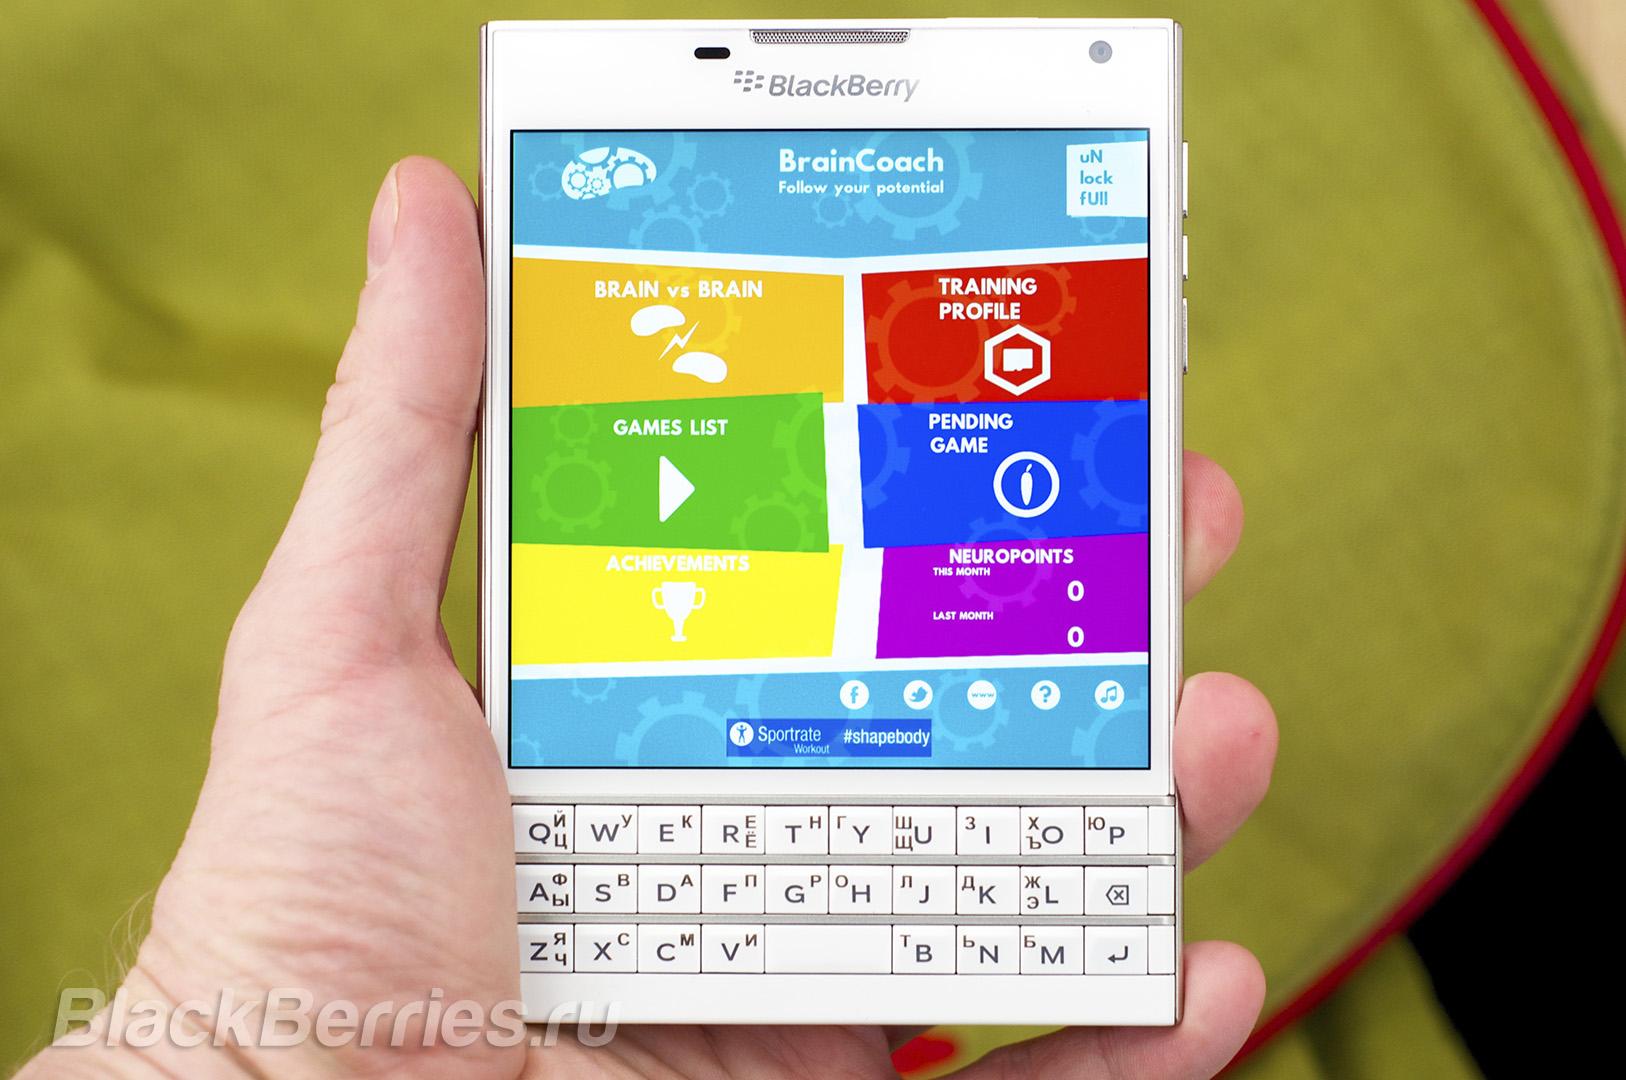 BlackBerry-Apps-12-09-02